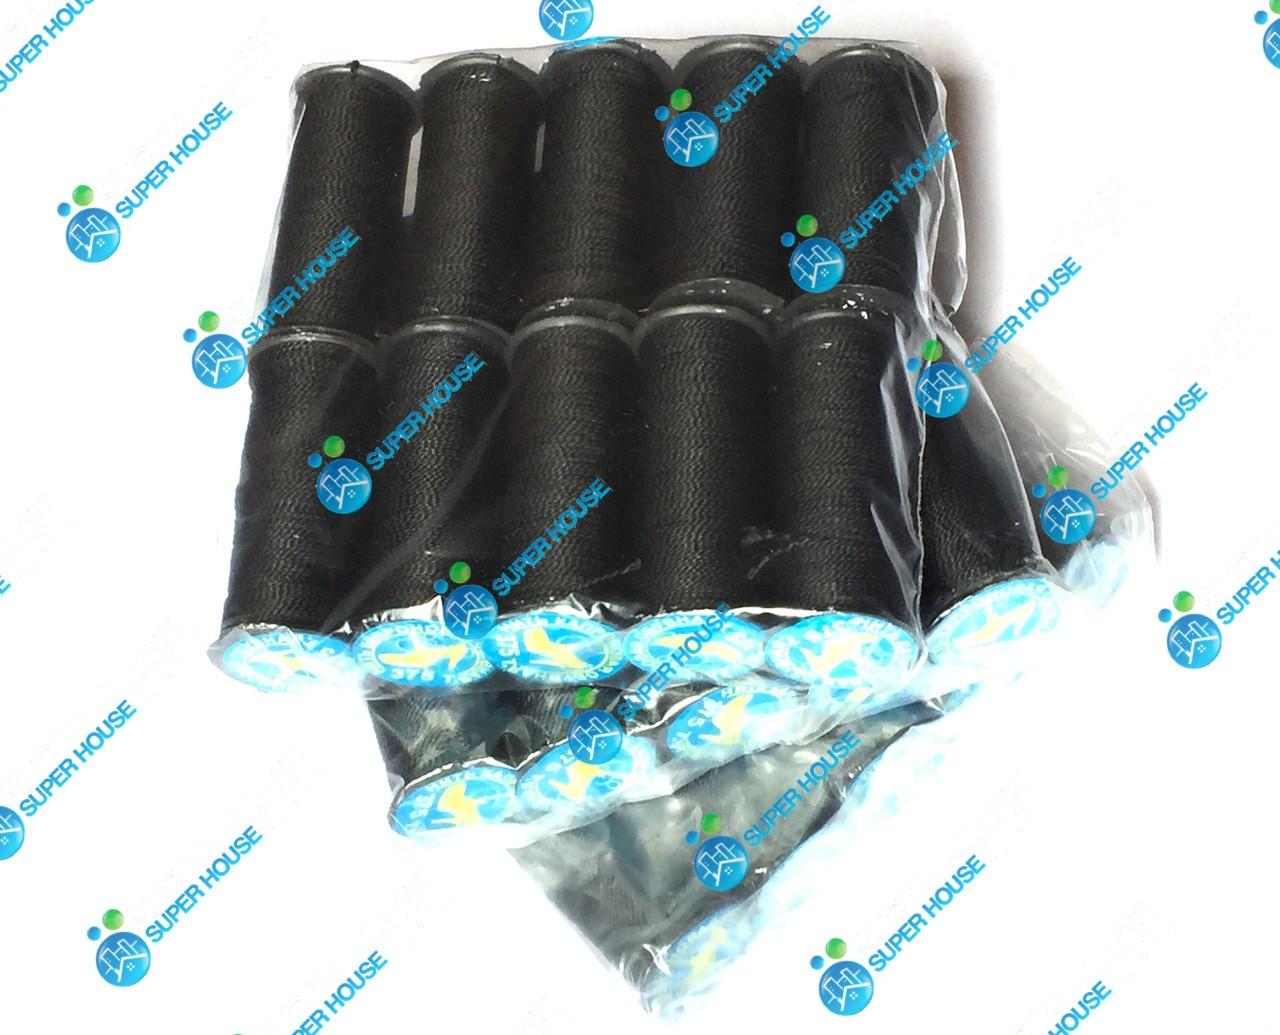 Нить обувная 375 текс 100% полипропилен. 10 катушек в 1 упаковке. Черная.